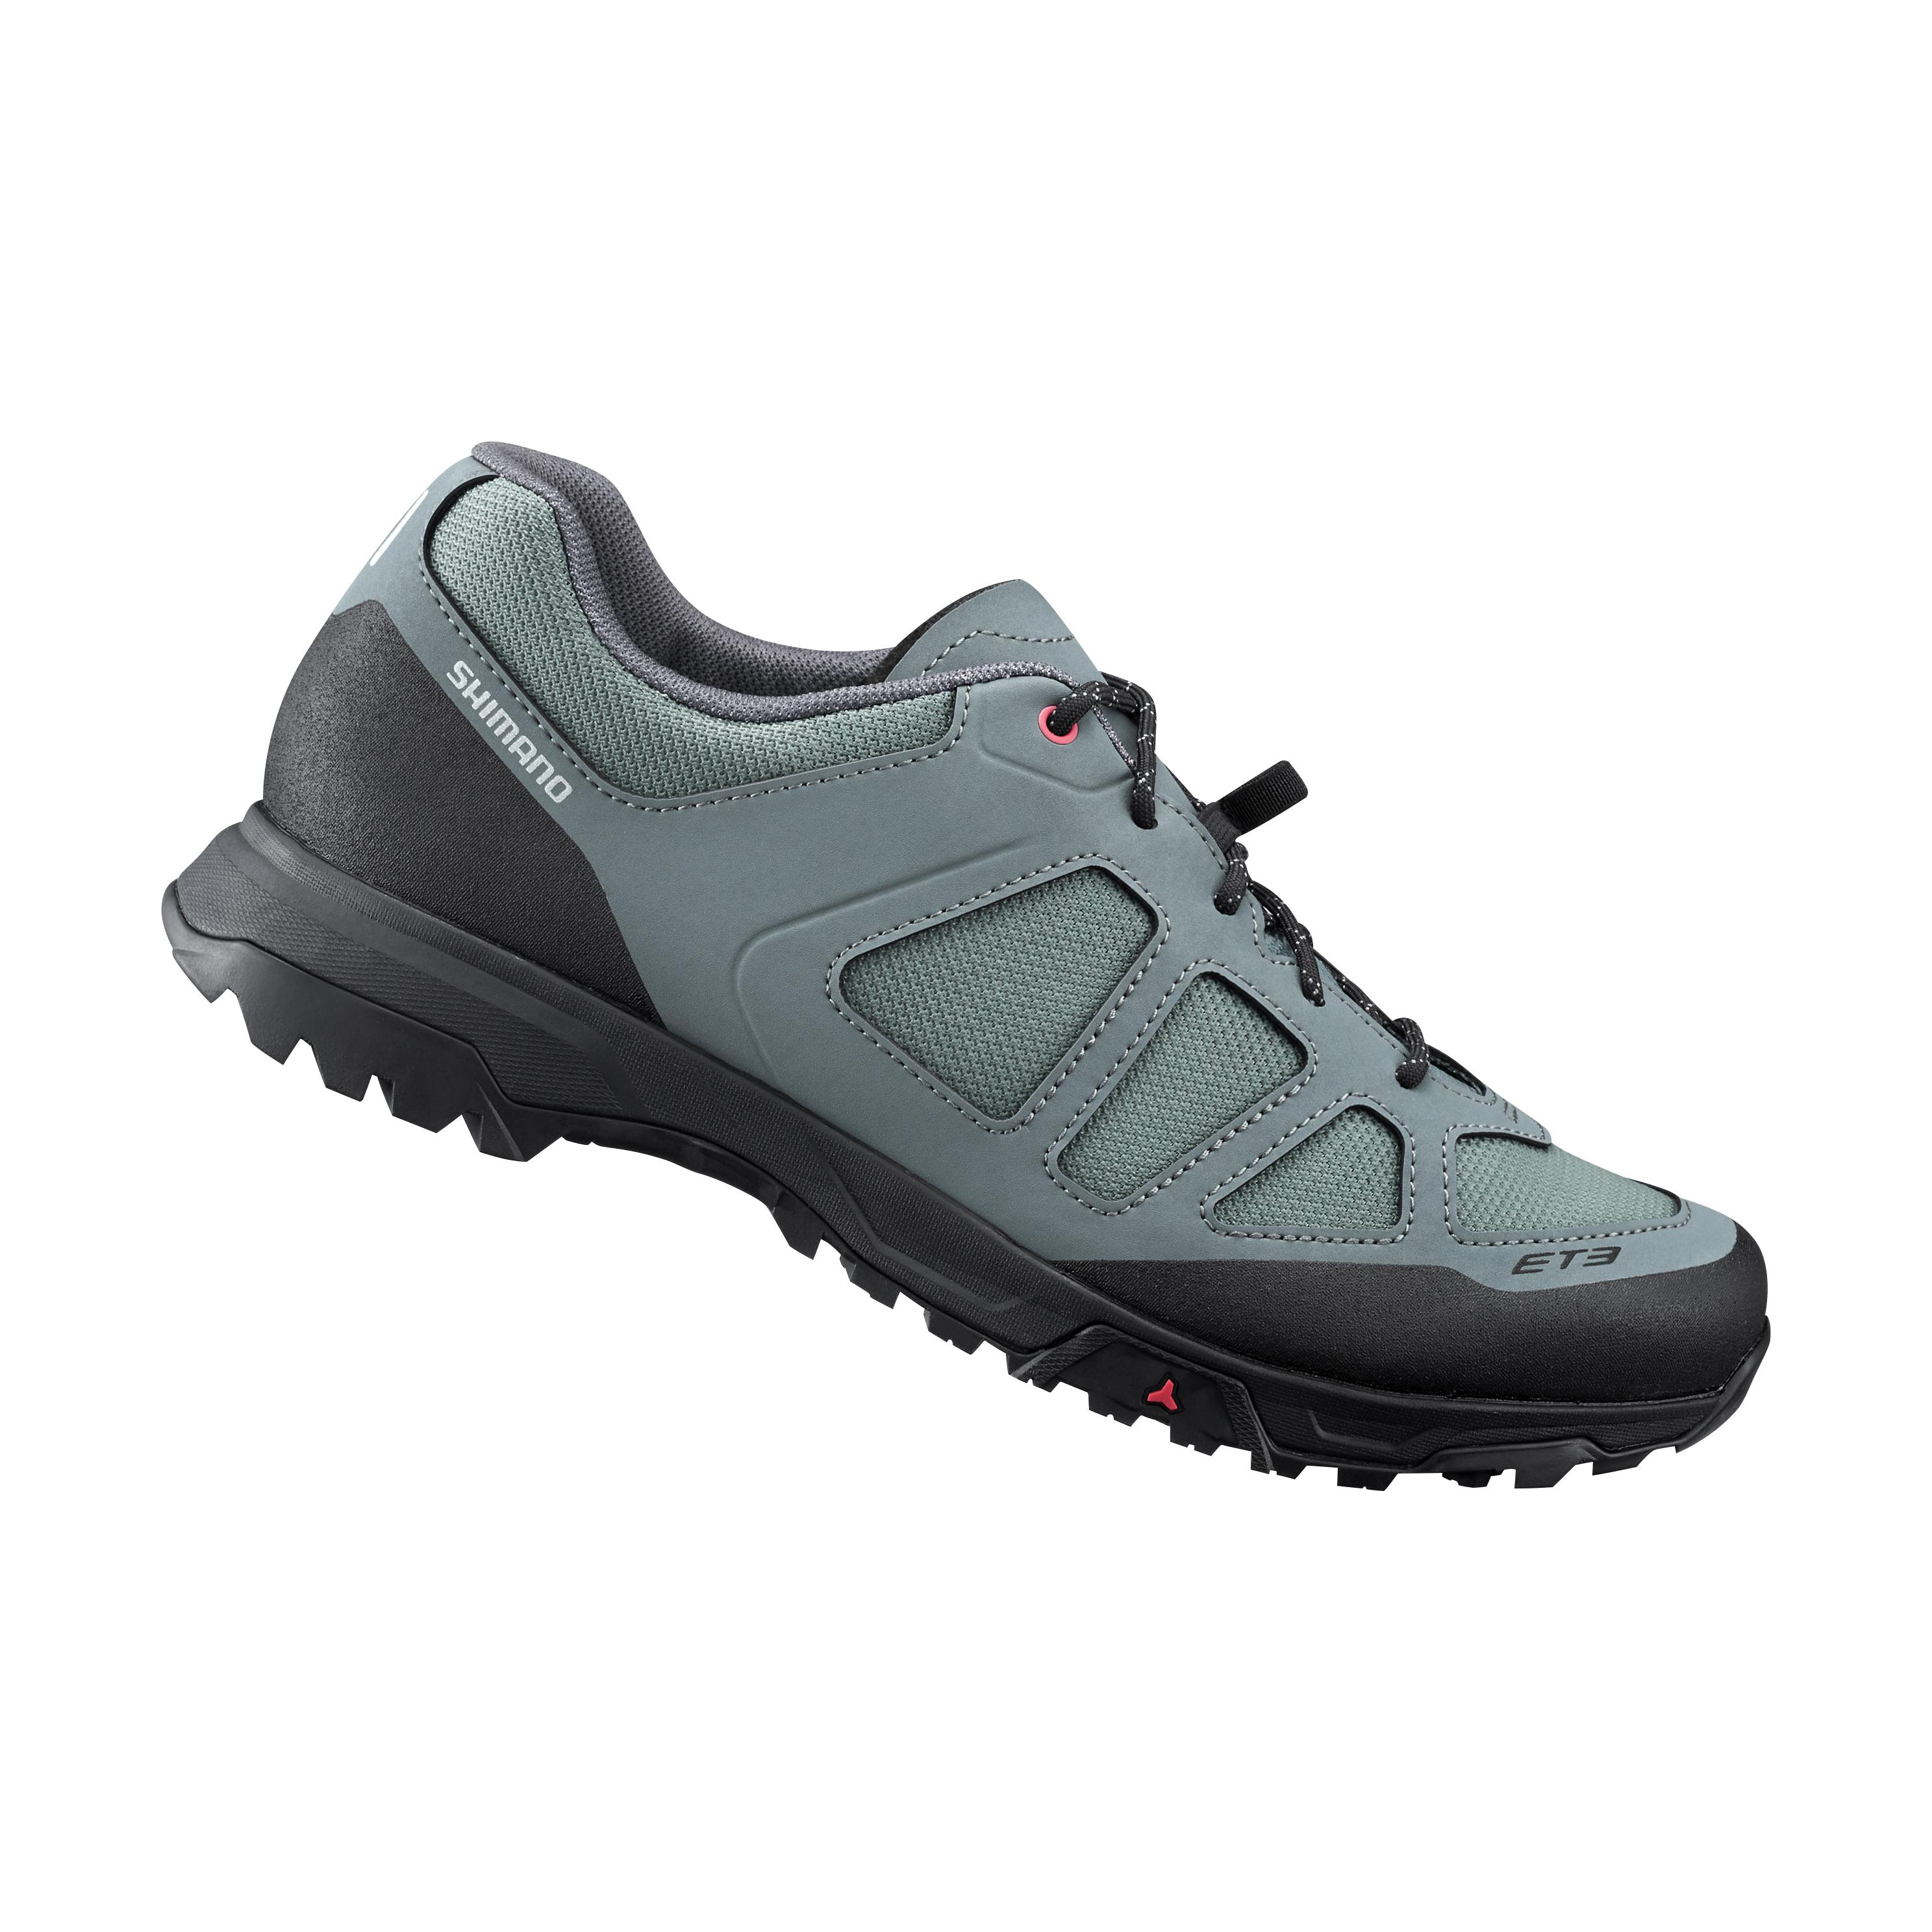 SHIMANO turistická obuv SH-ET300W, dámská, zelená, 36